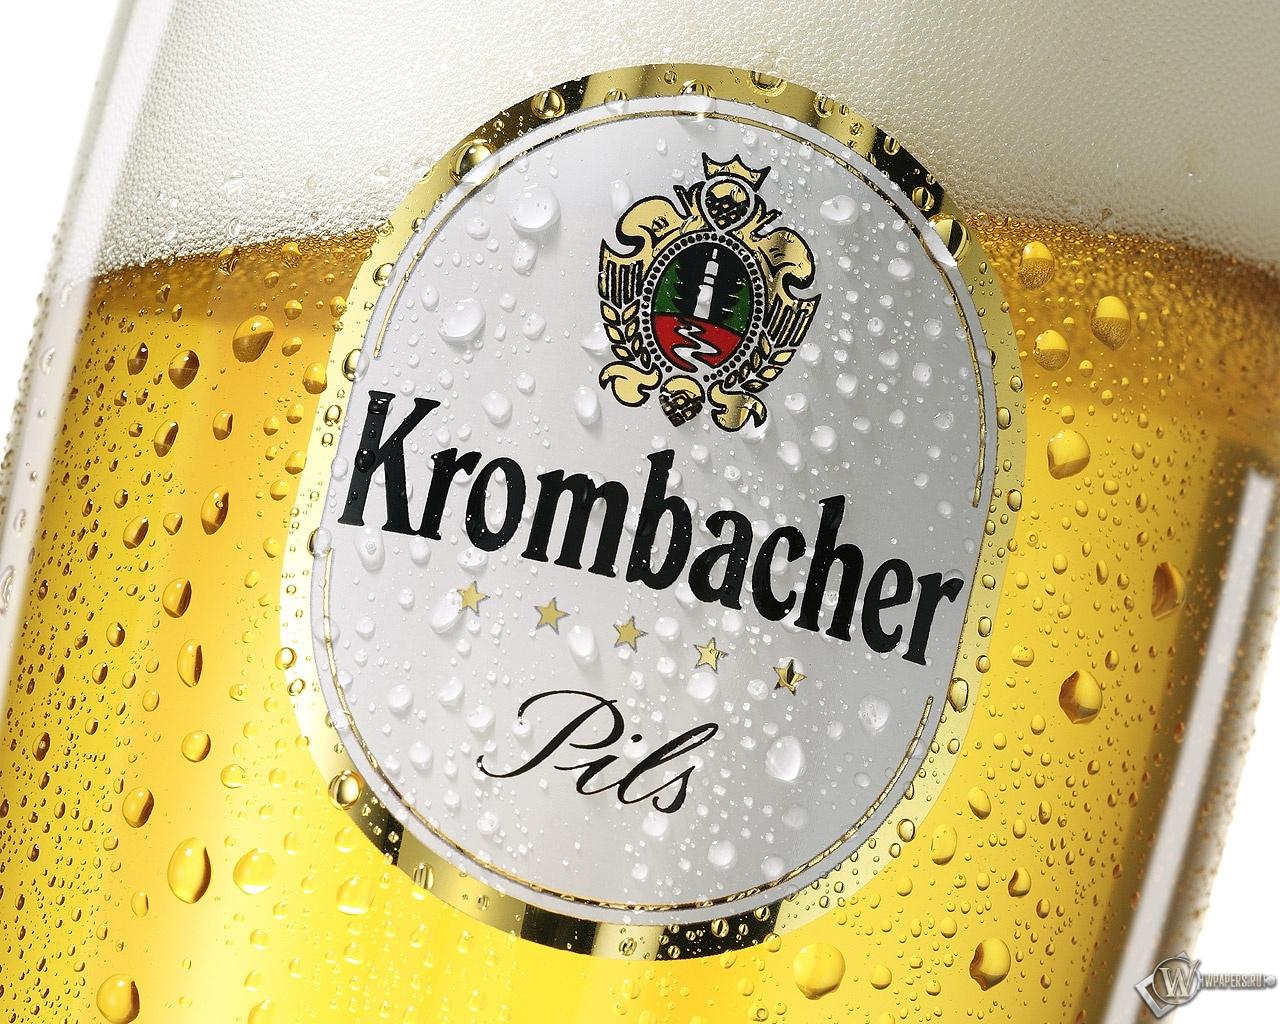 Krombacher Beer 1280x1024